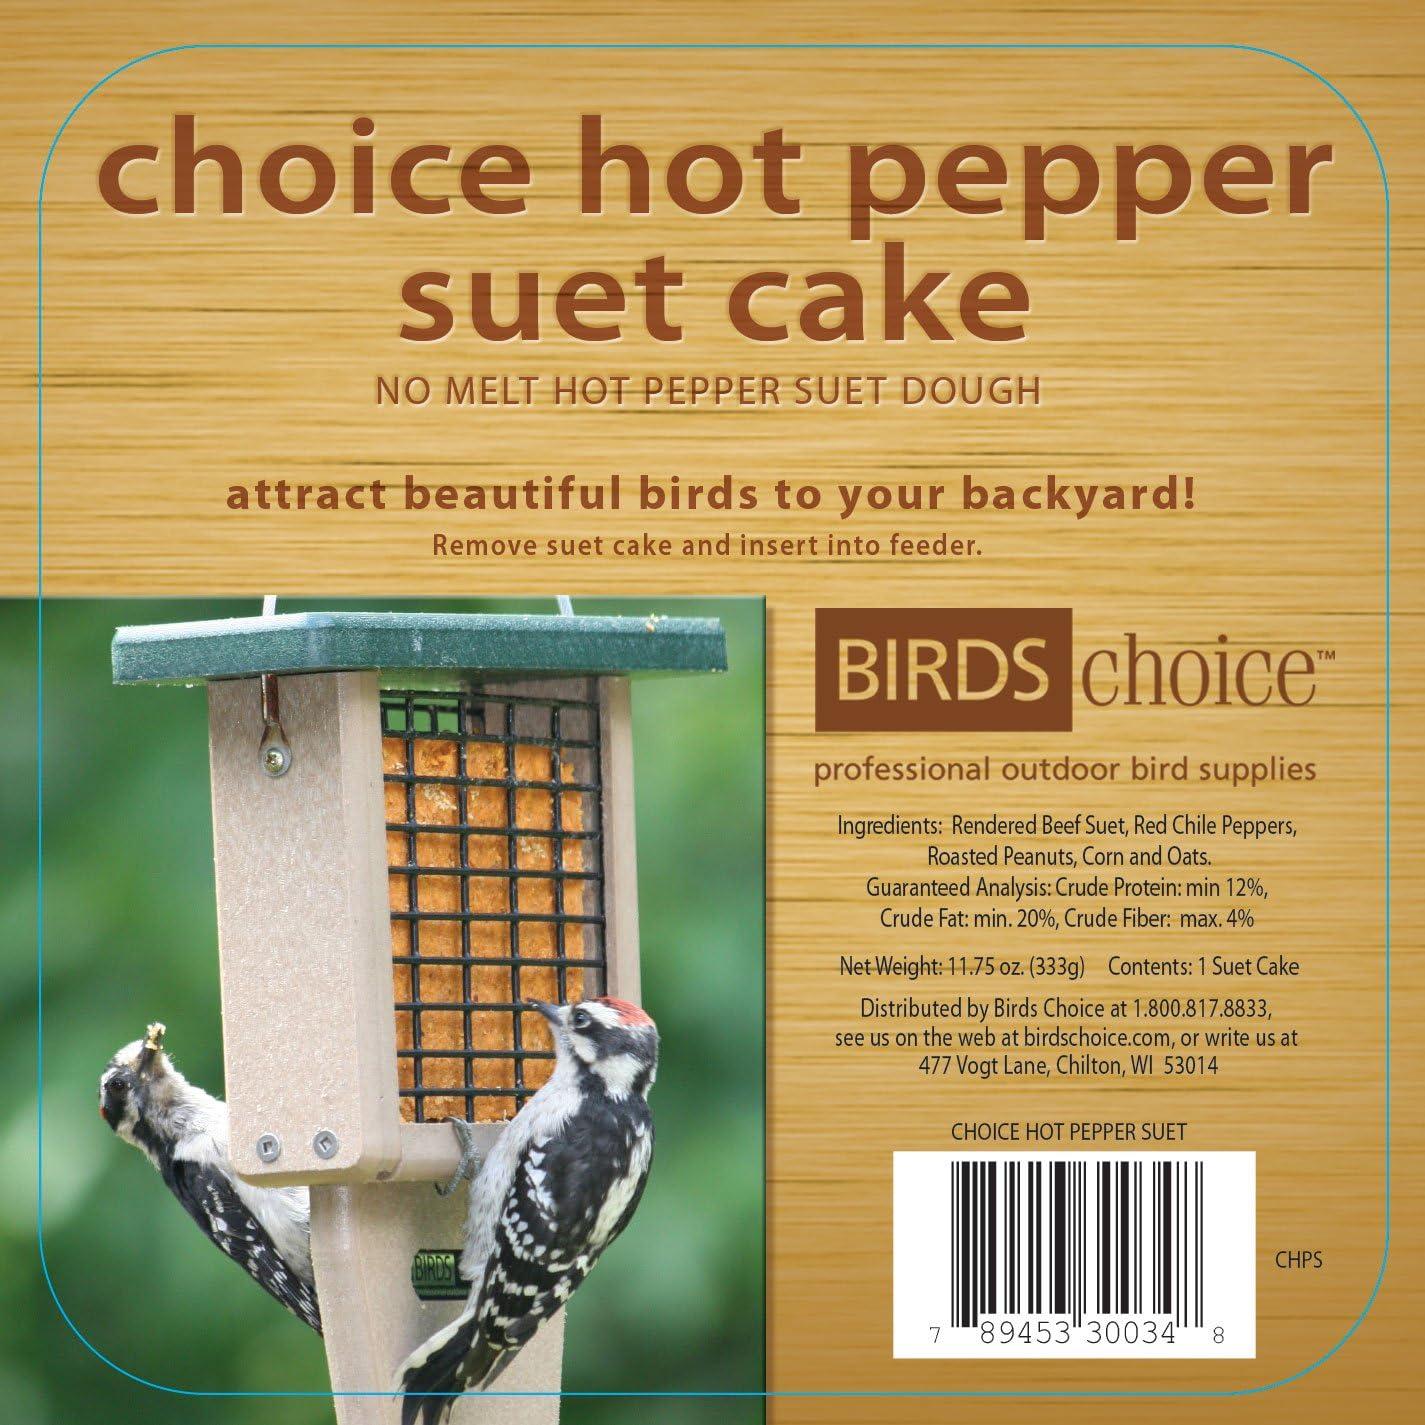 Case of 12 Birds Choice Hot Pepper Suet Cake 11.75 oz